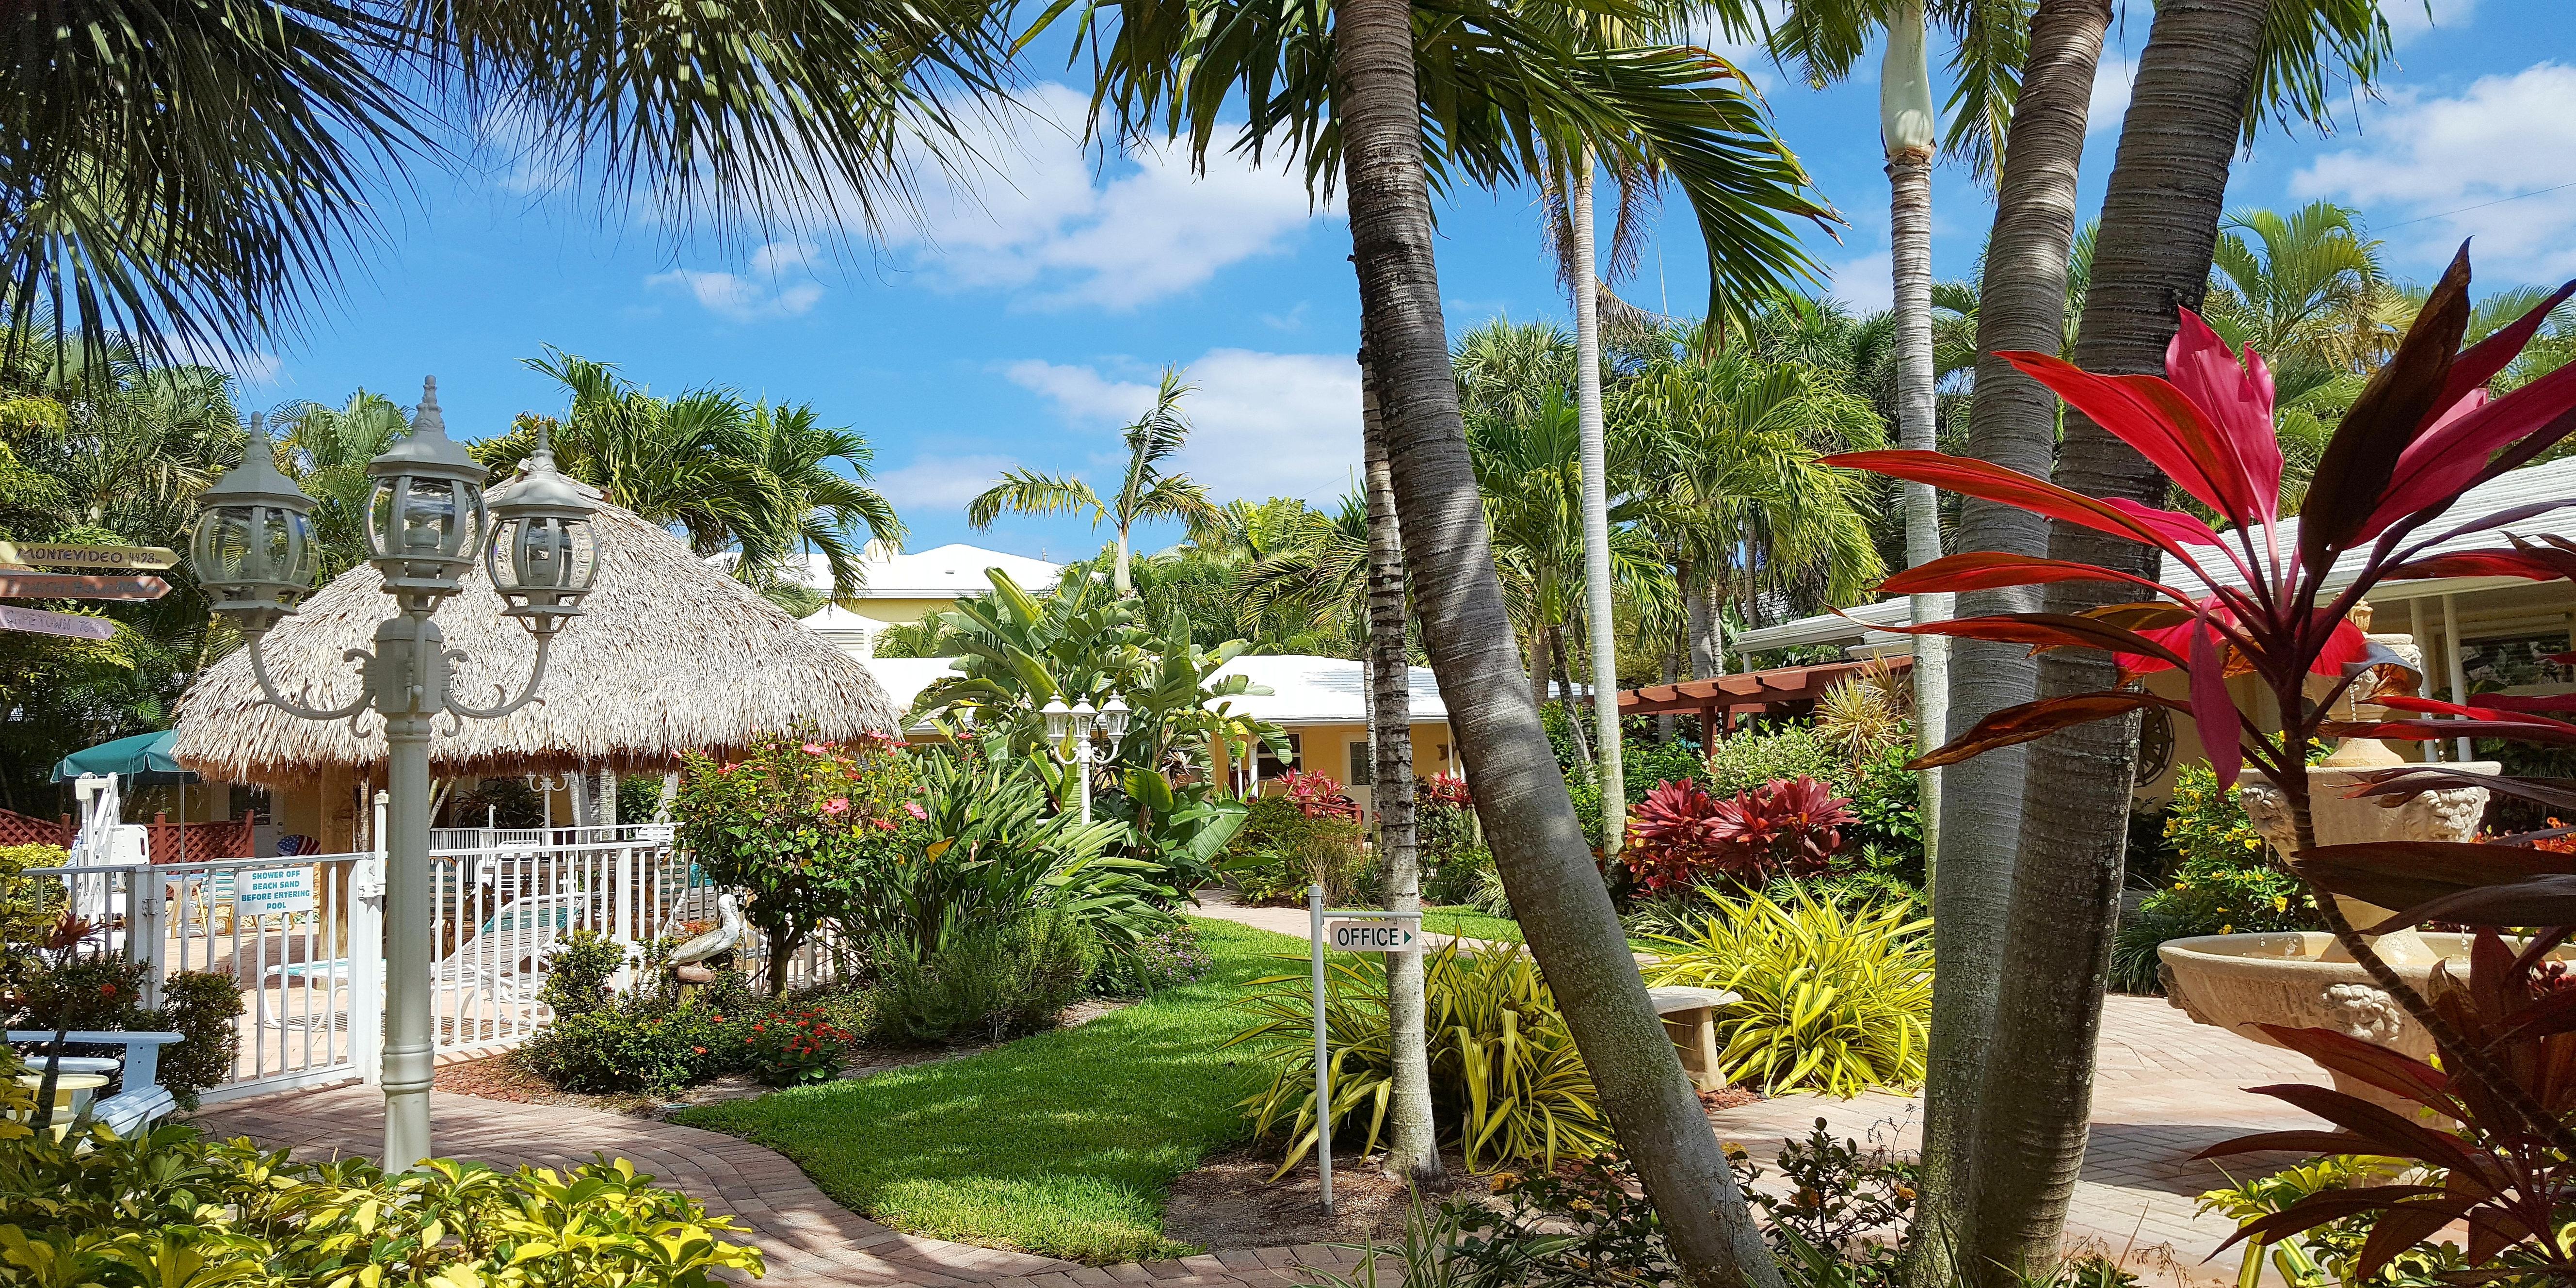 Urlaub in Florida | Florida Expert - Ihr Florida Ferienhaus Experte